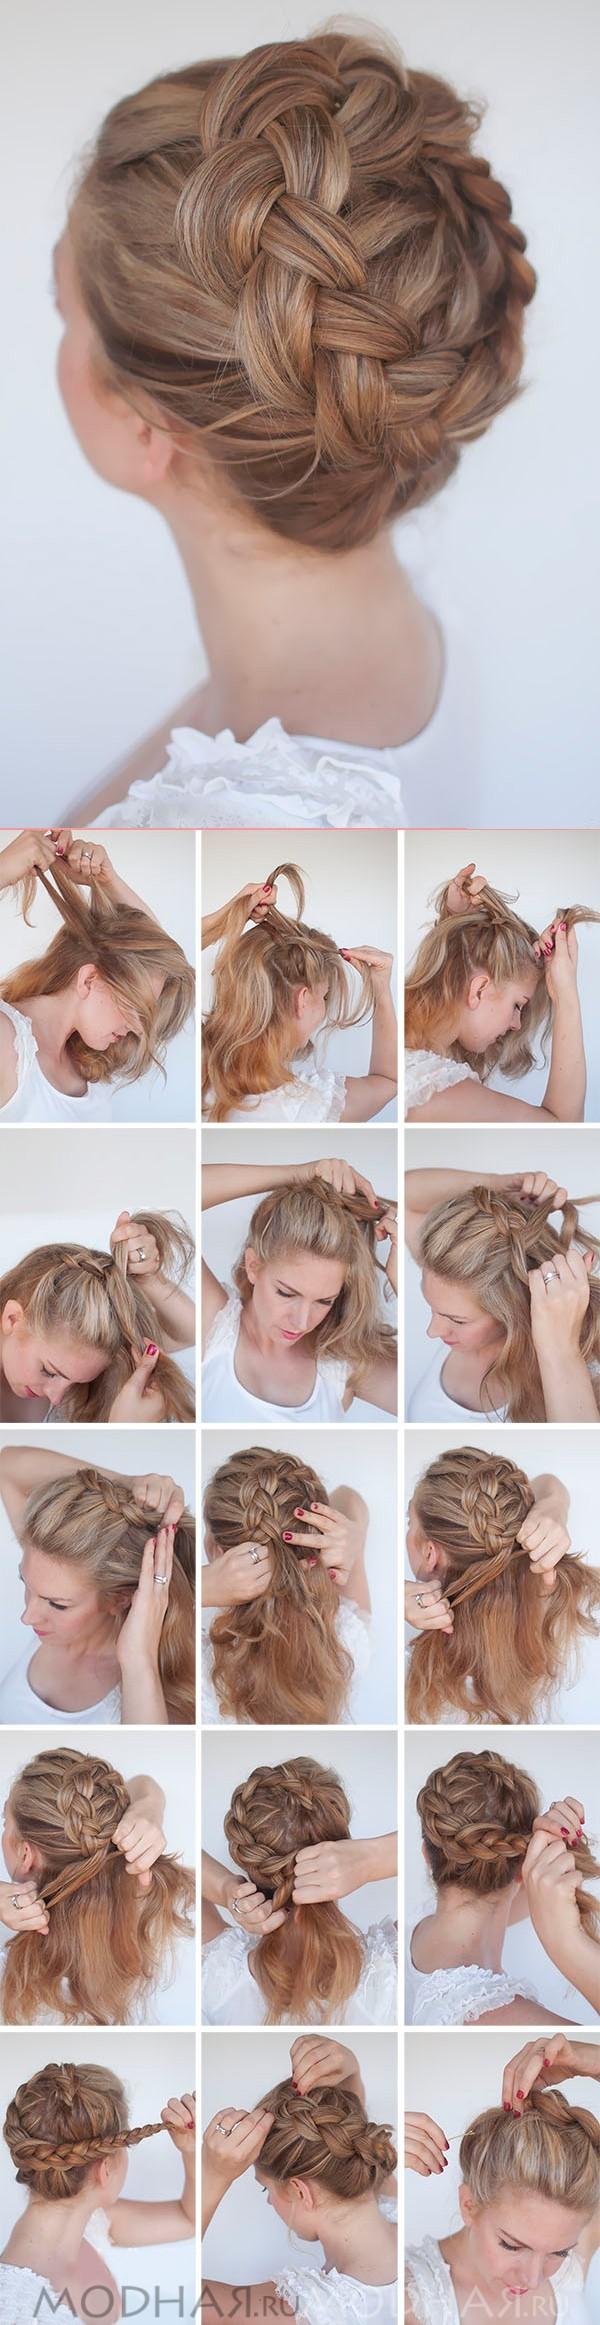 Причёски-косы своими руками на средние волосы фото